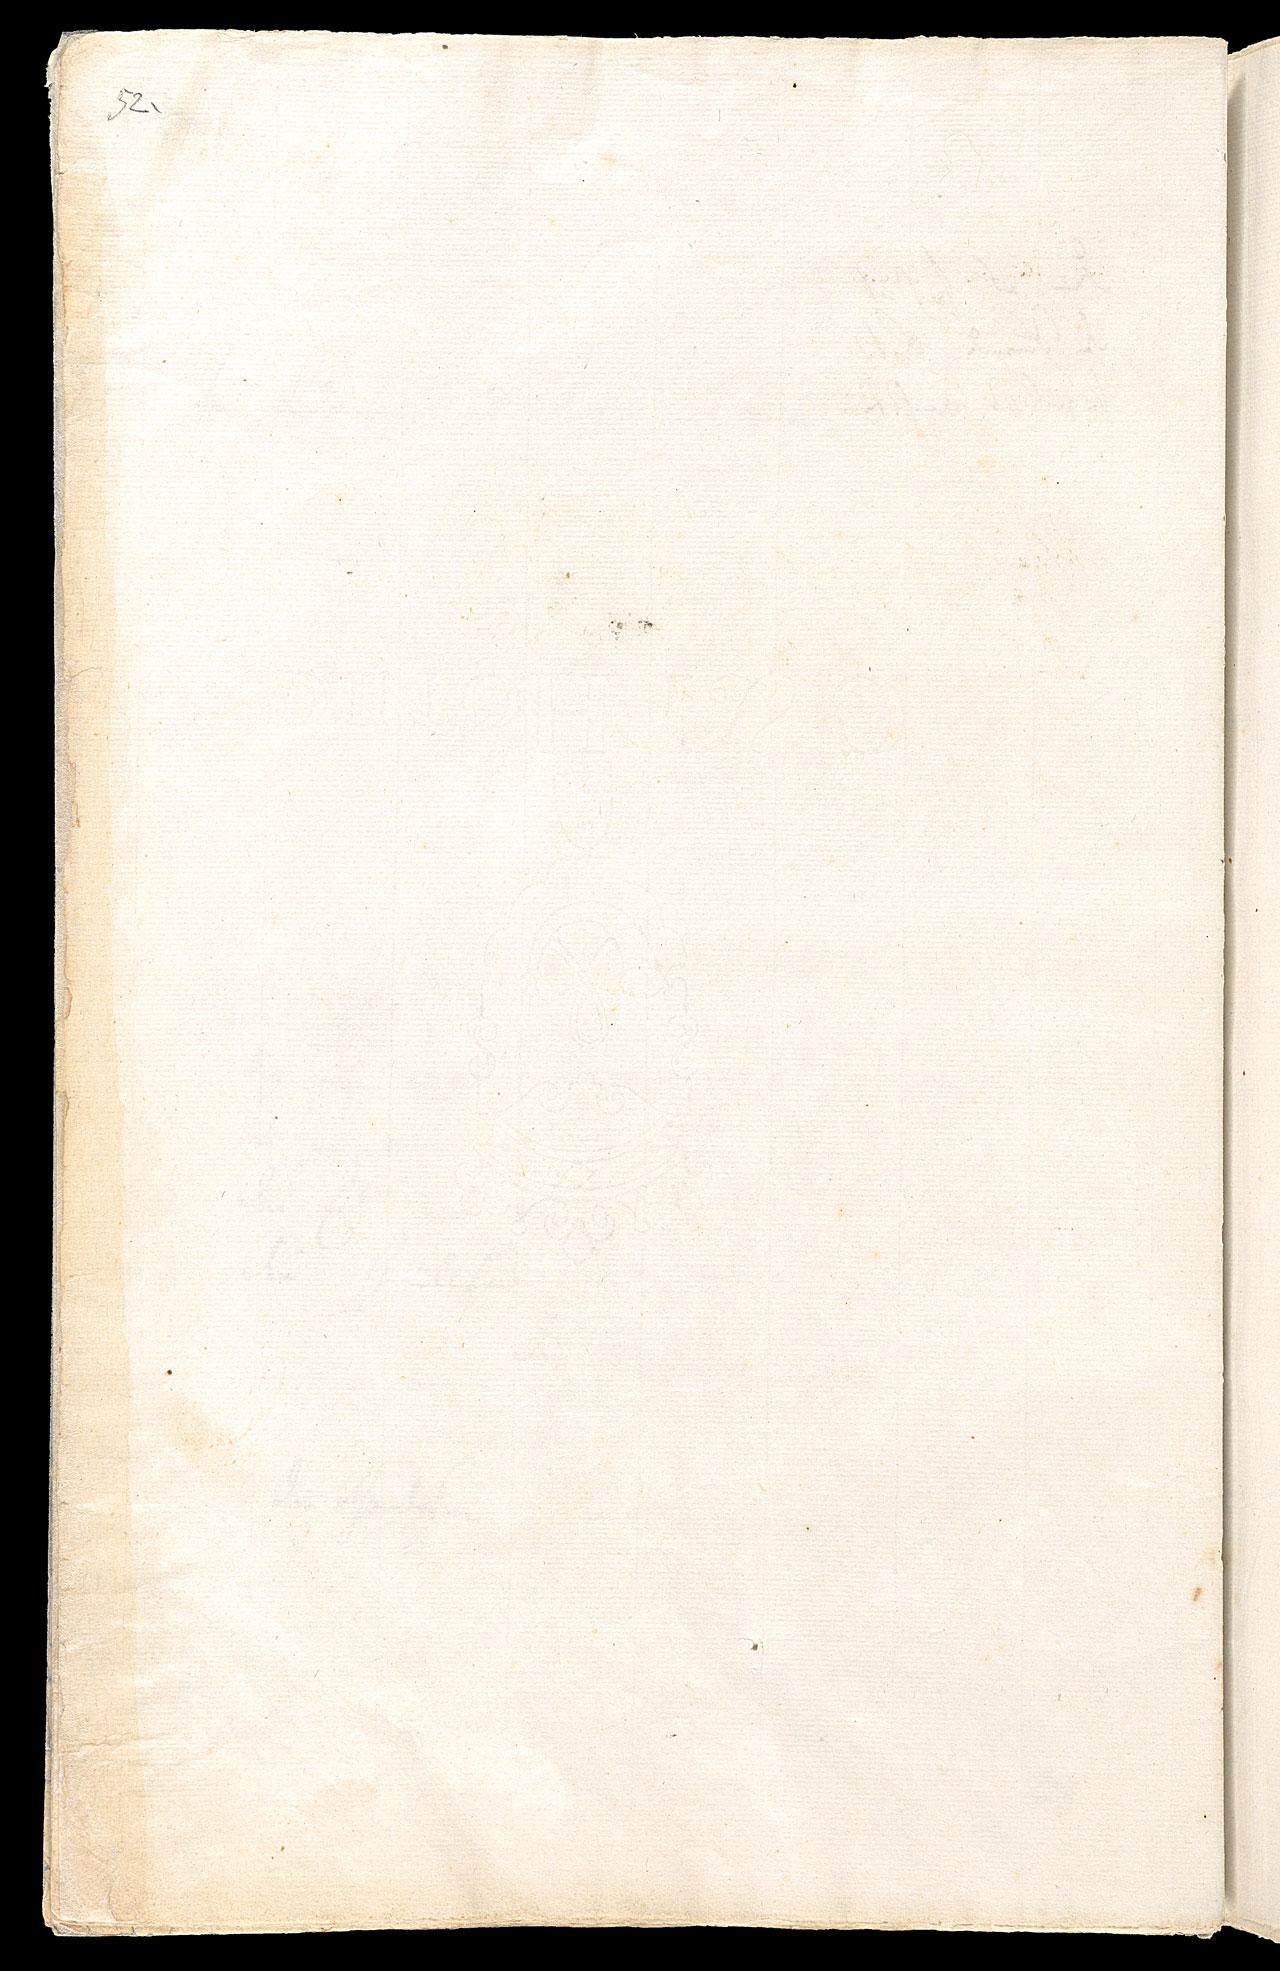 Friedrich Hölderlin, Homburger Folioheft, Seite 52, Handschrift